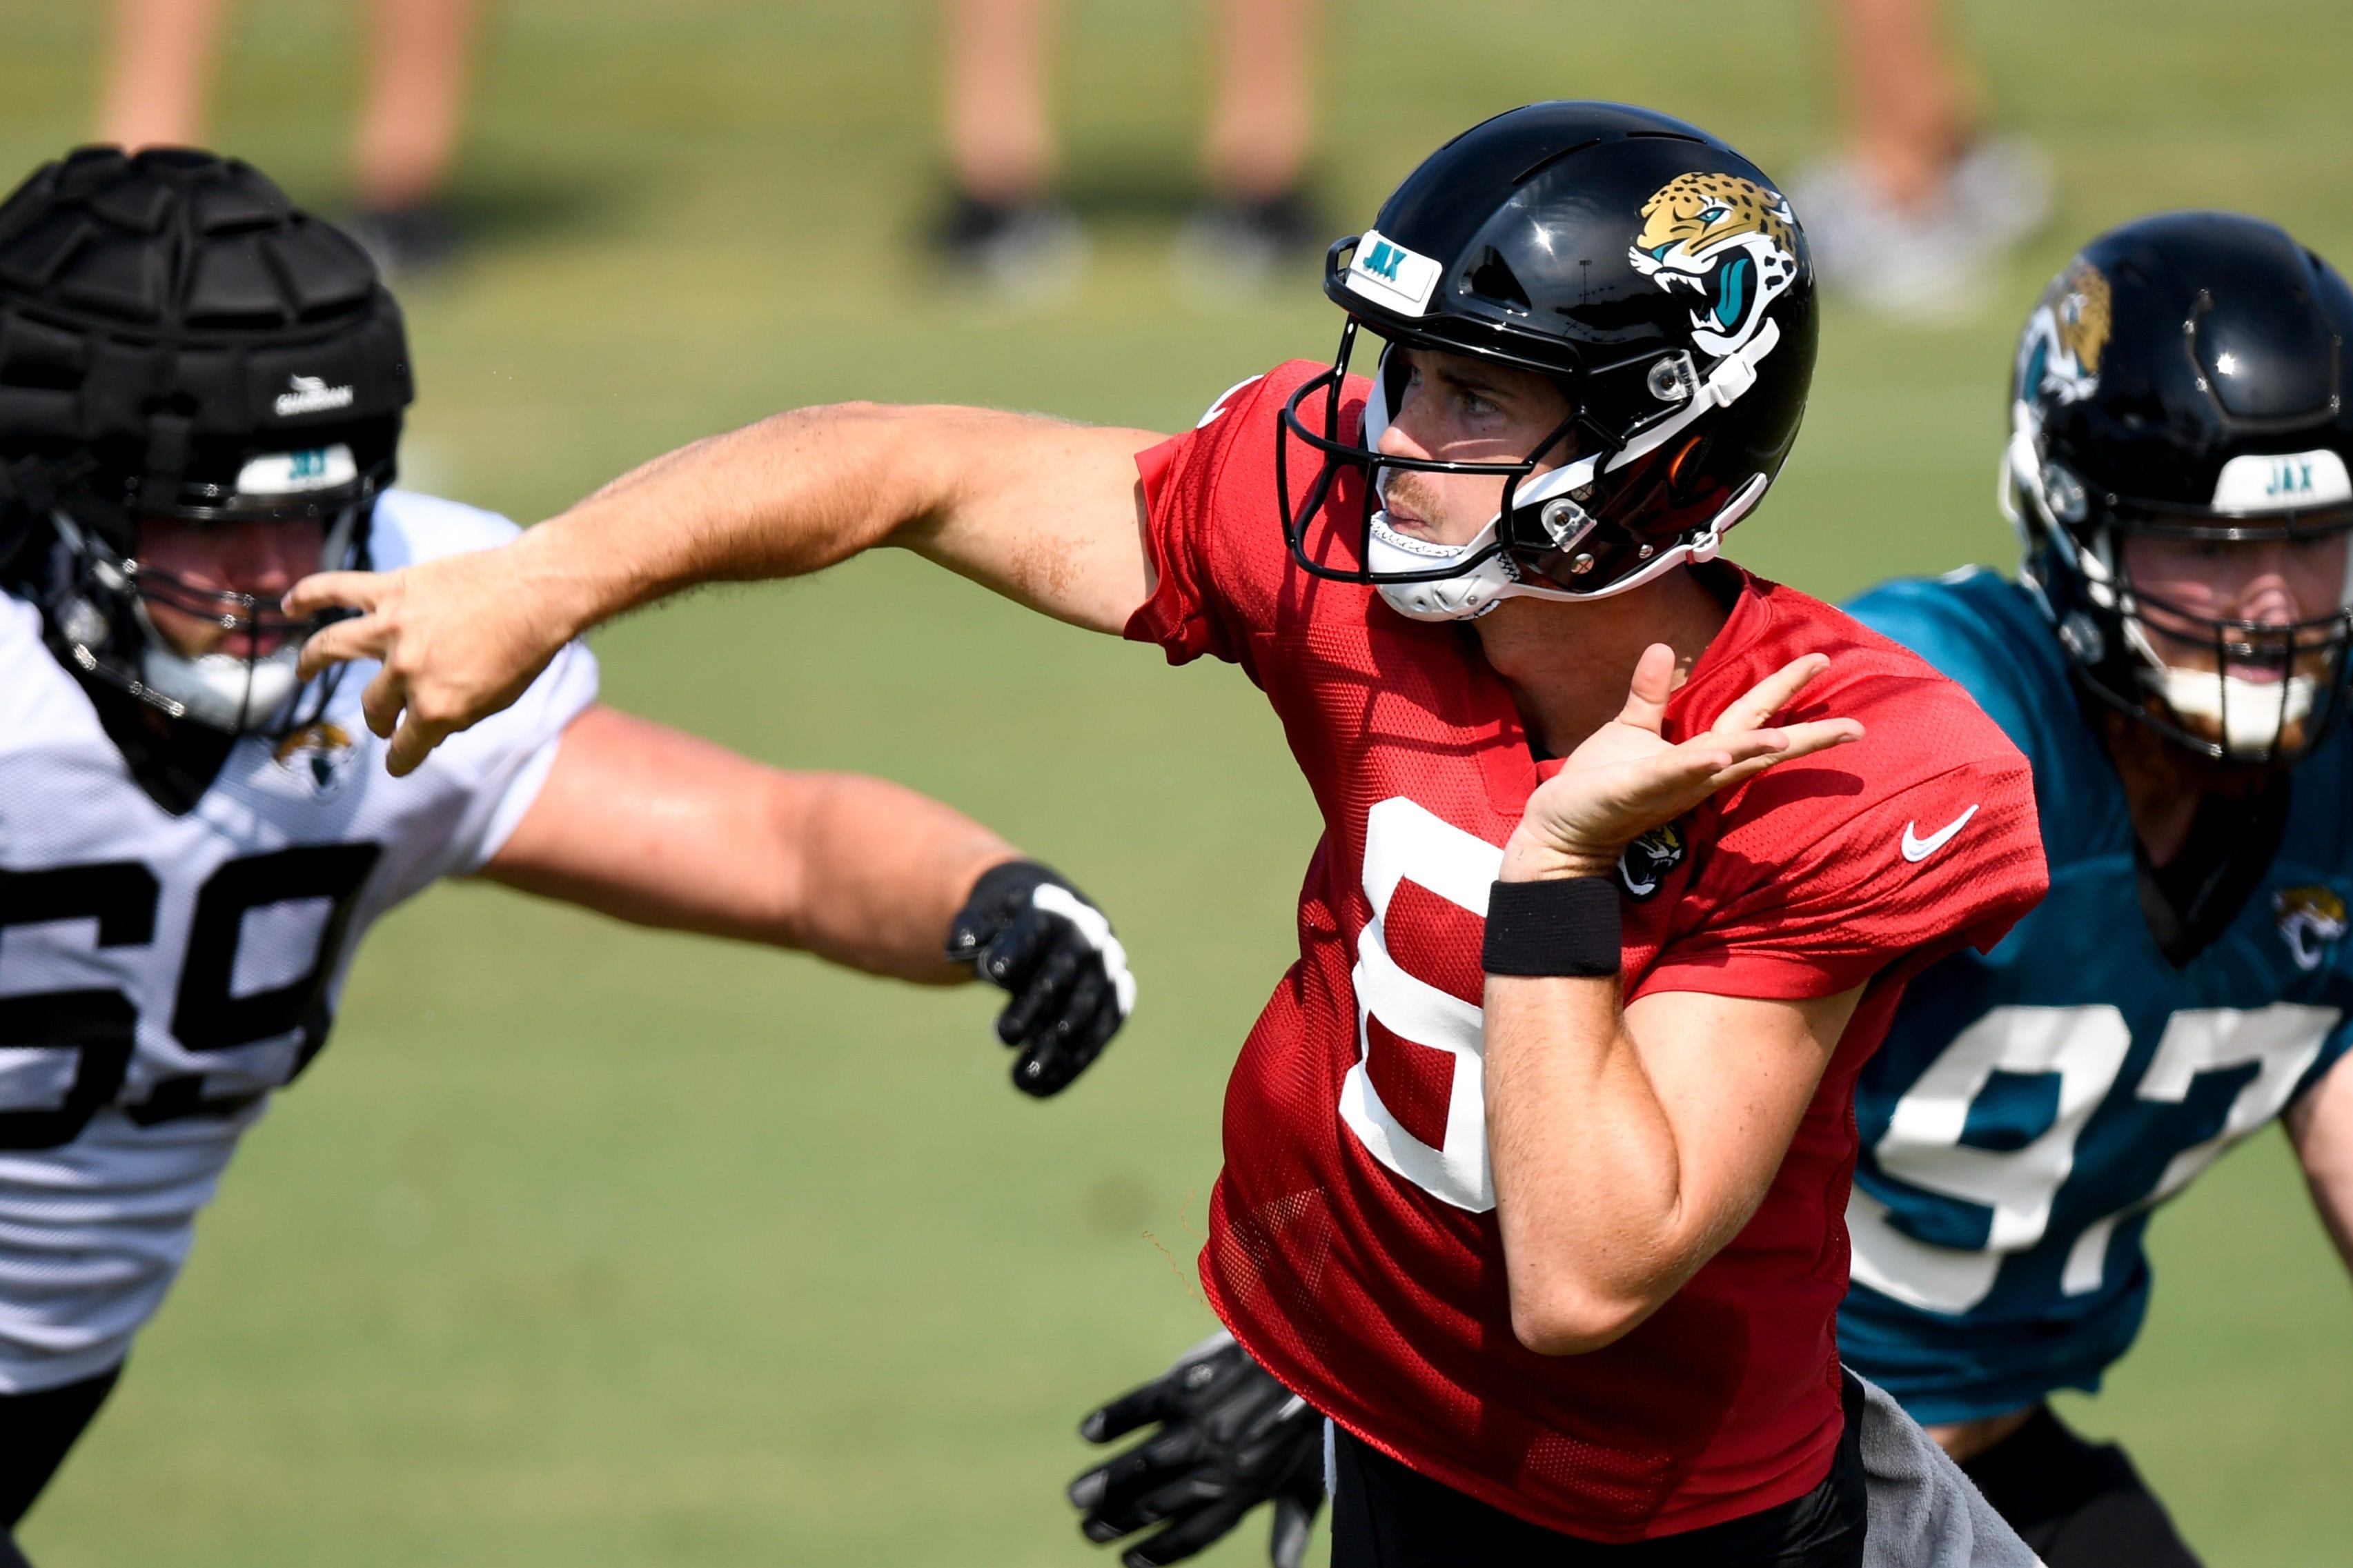 Jaguars to start sixth-round rookie QB Jake Luton in place of injured Gardner Minshew